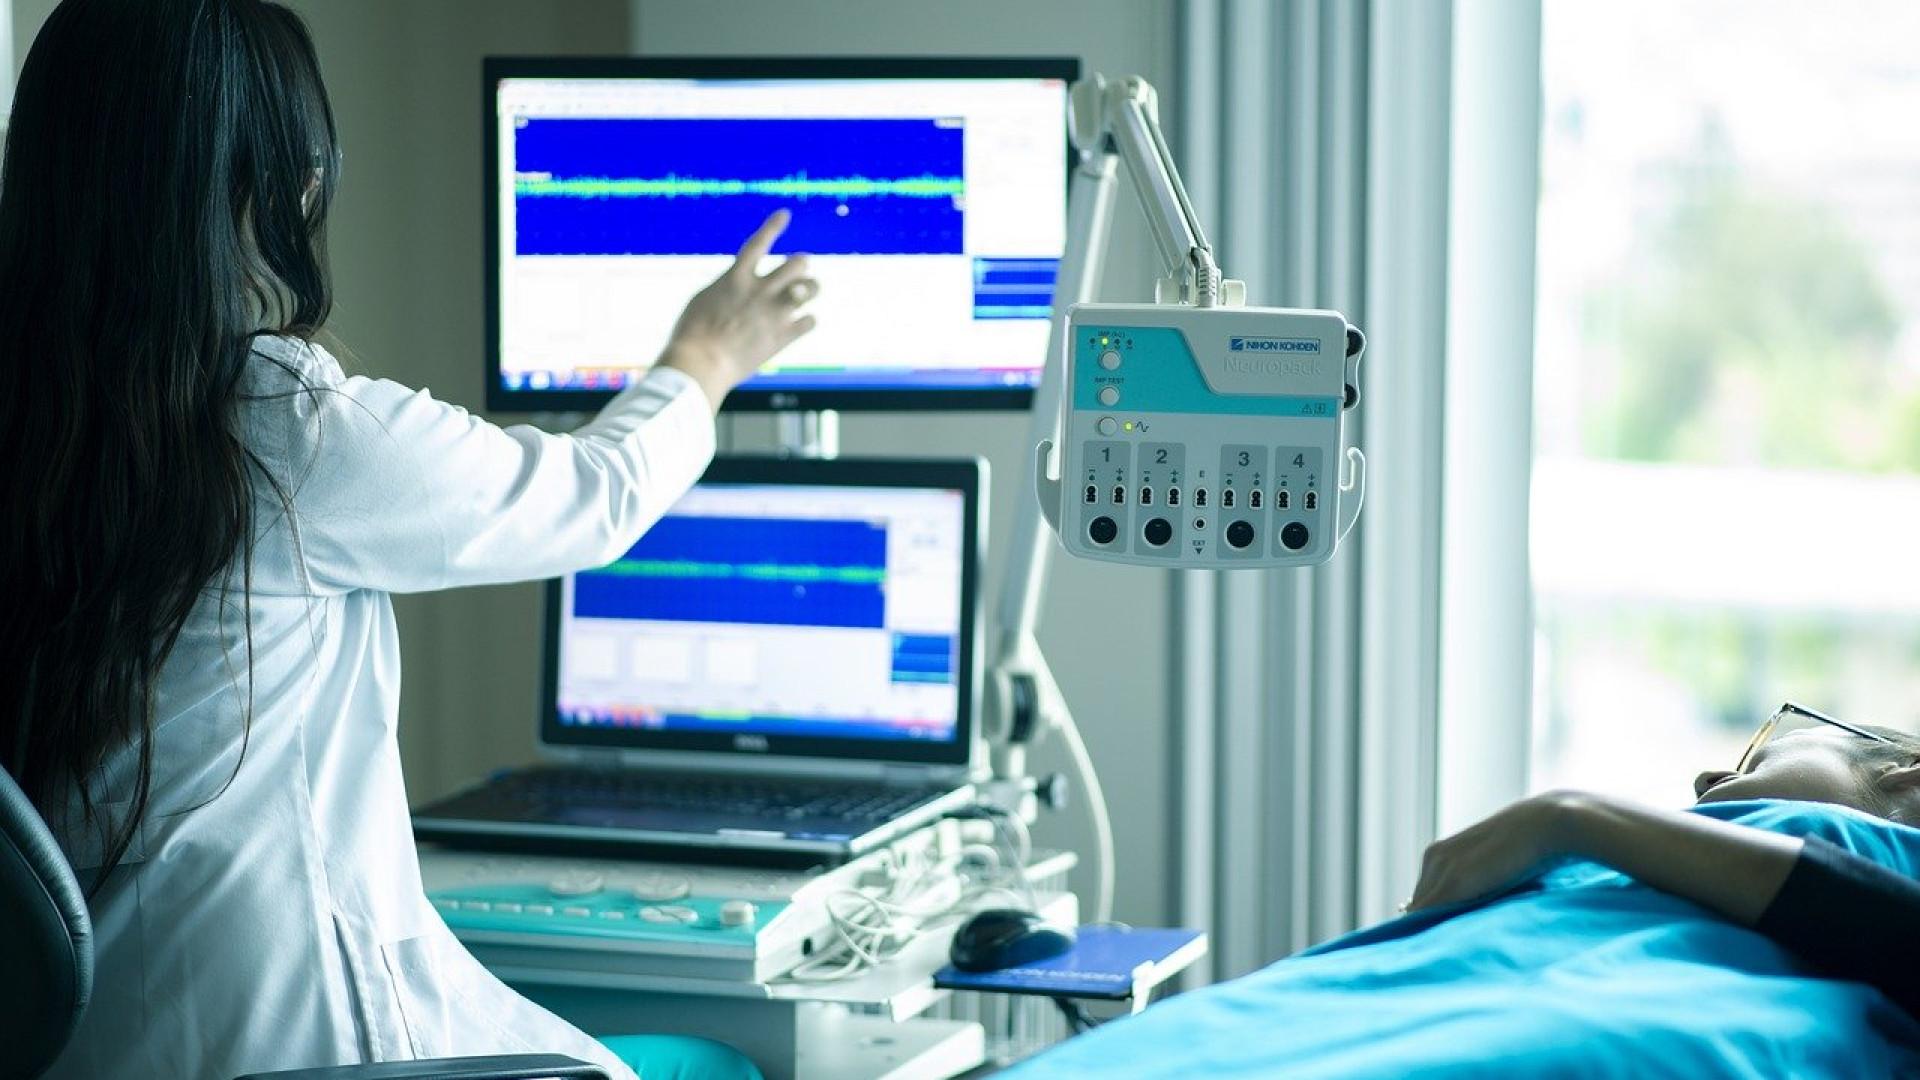 L'inox permet aux professionnels de santé de travailler dans les meilleures conditions